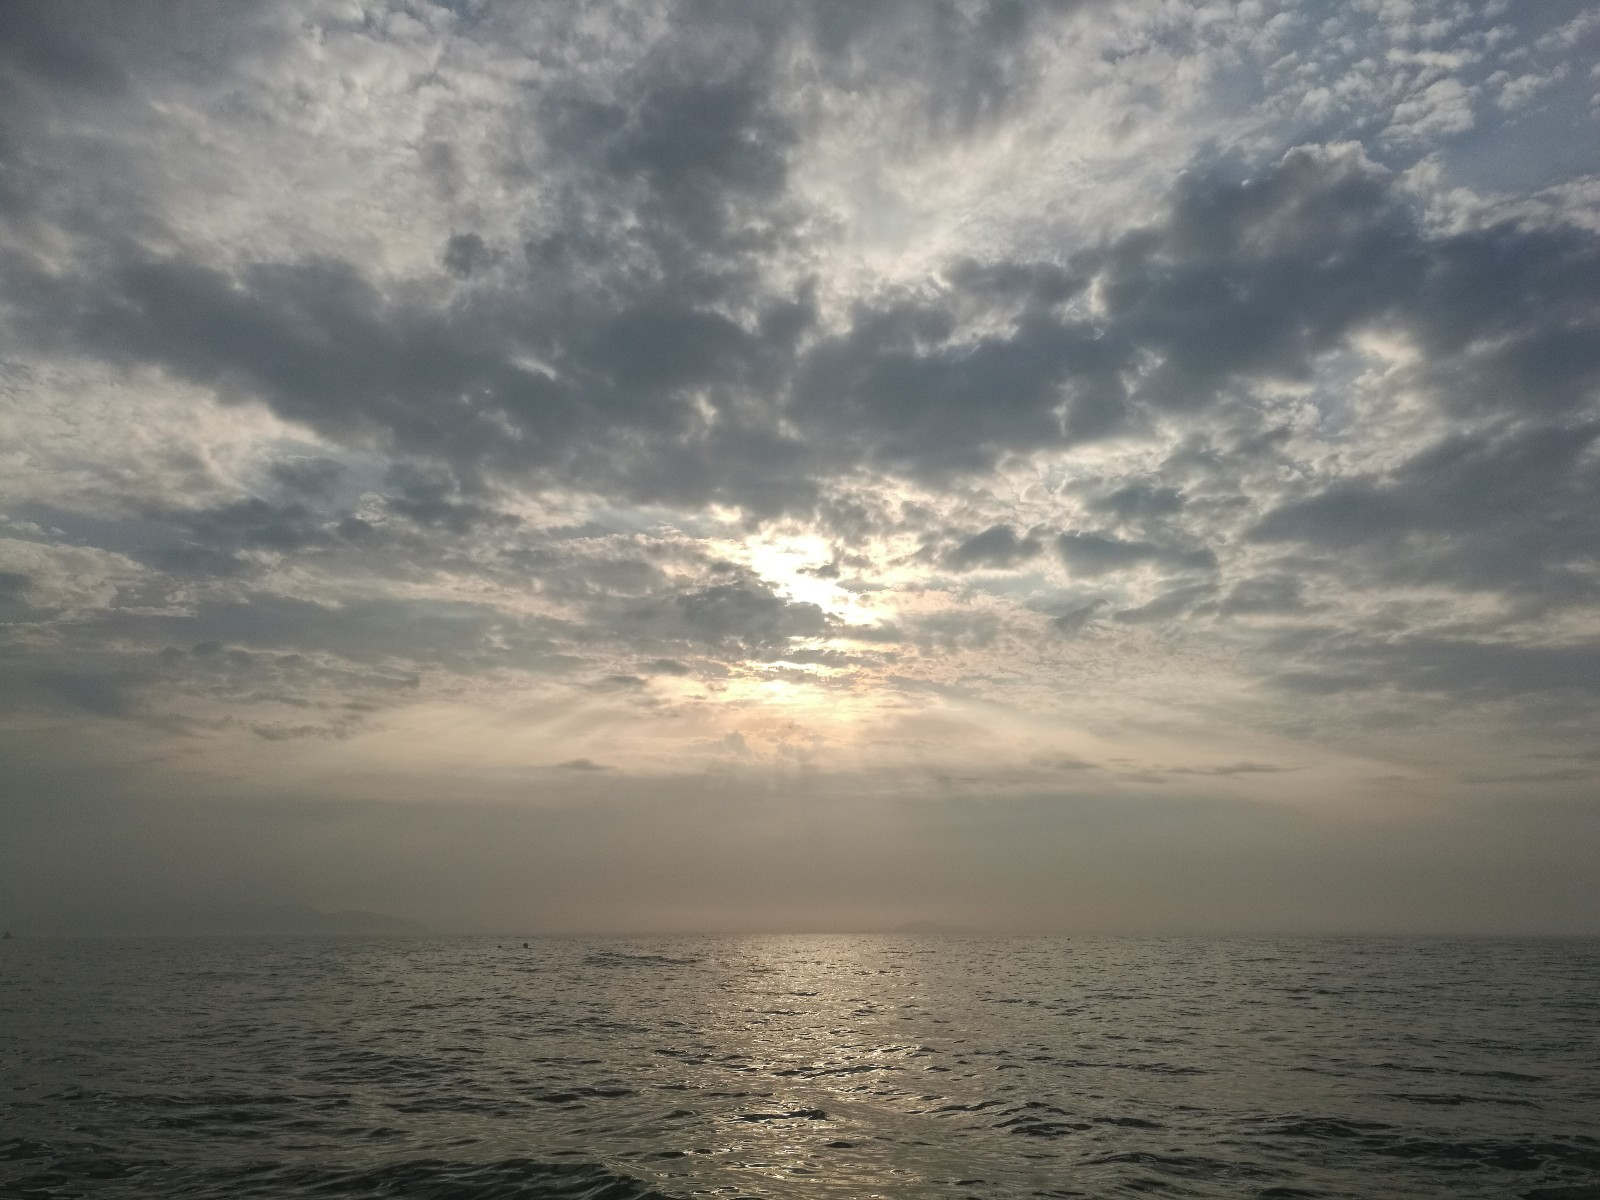 真正的历练才刚刚开始,航海就是挑战自己——唐山号返航记(中篇)